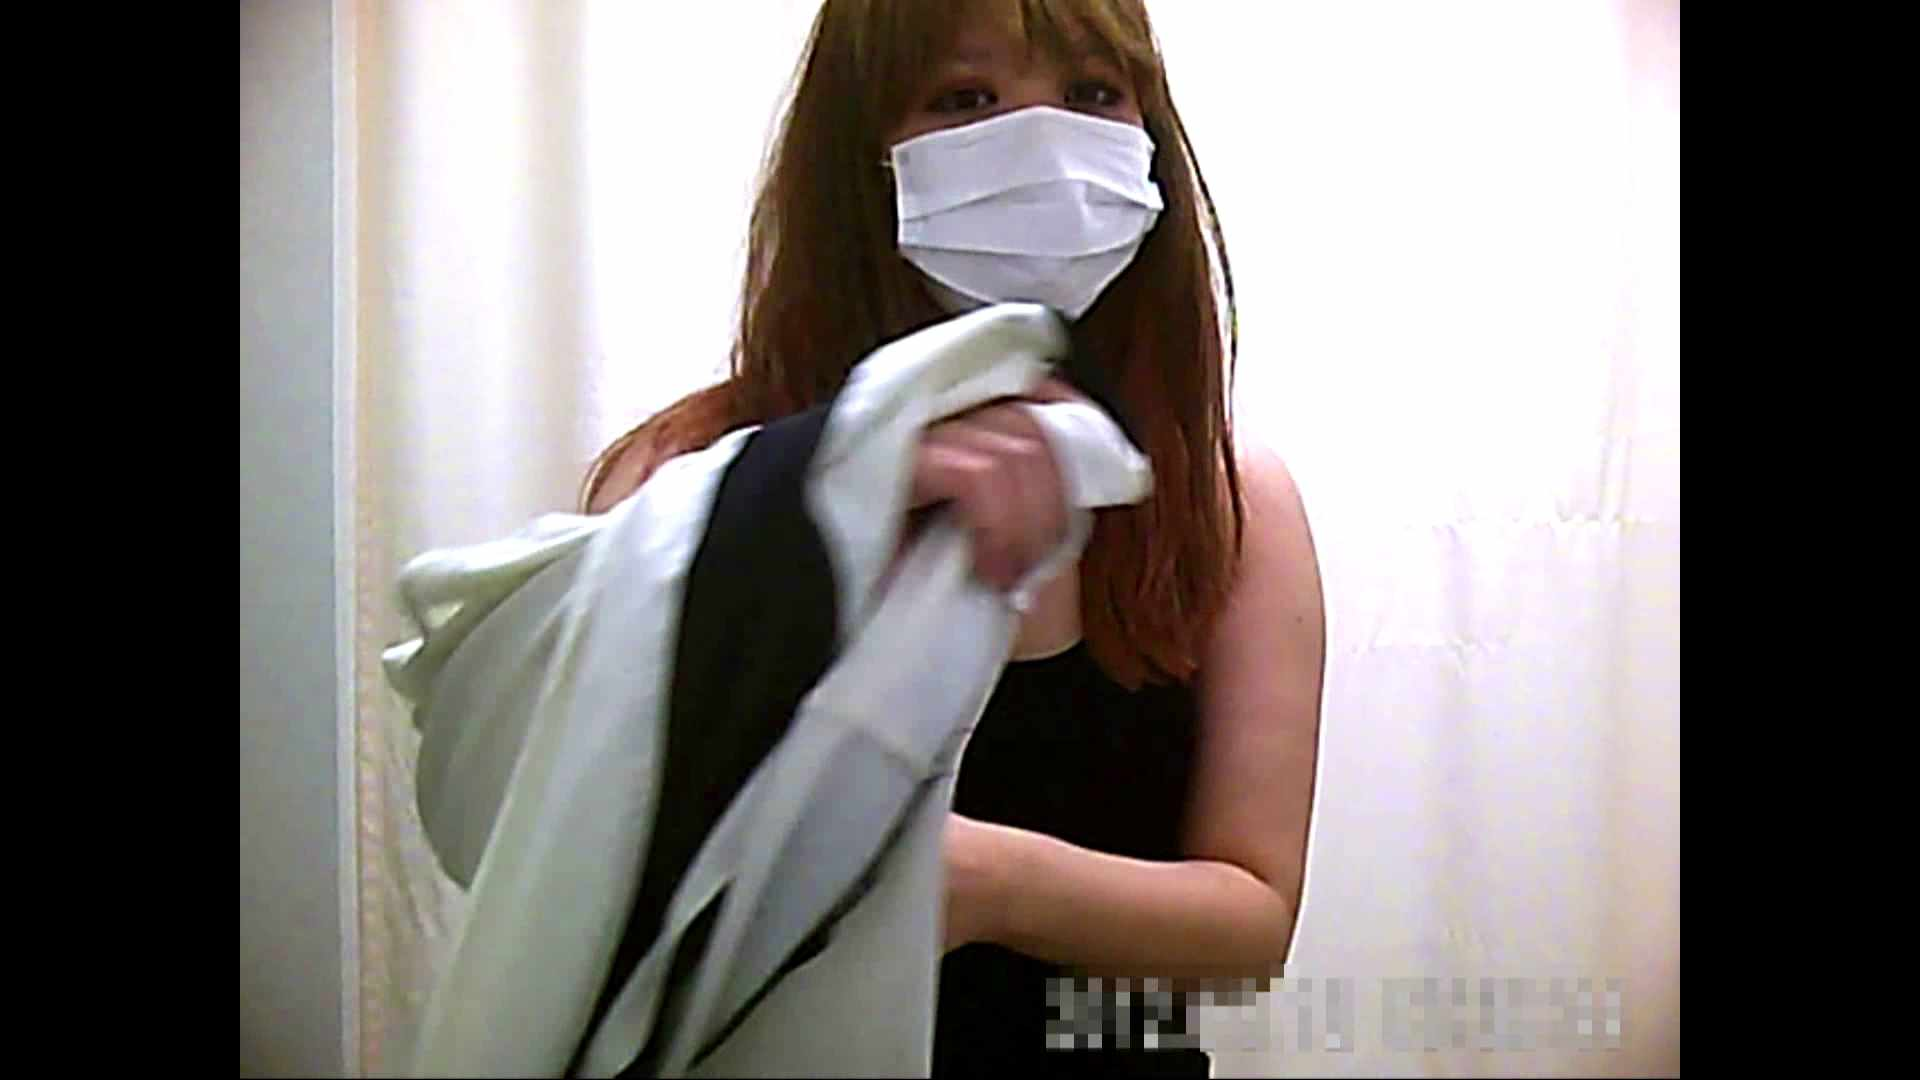 元医者による反抗 更衣室地獄絵巻 vol.061 エッチなお姉さん オマンコ無修正動画無料 94画像 83